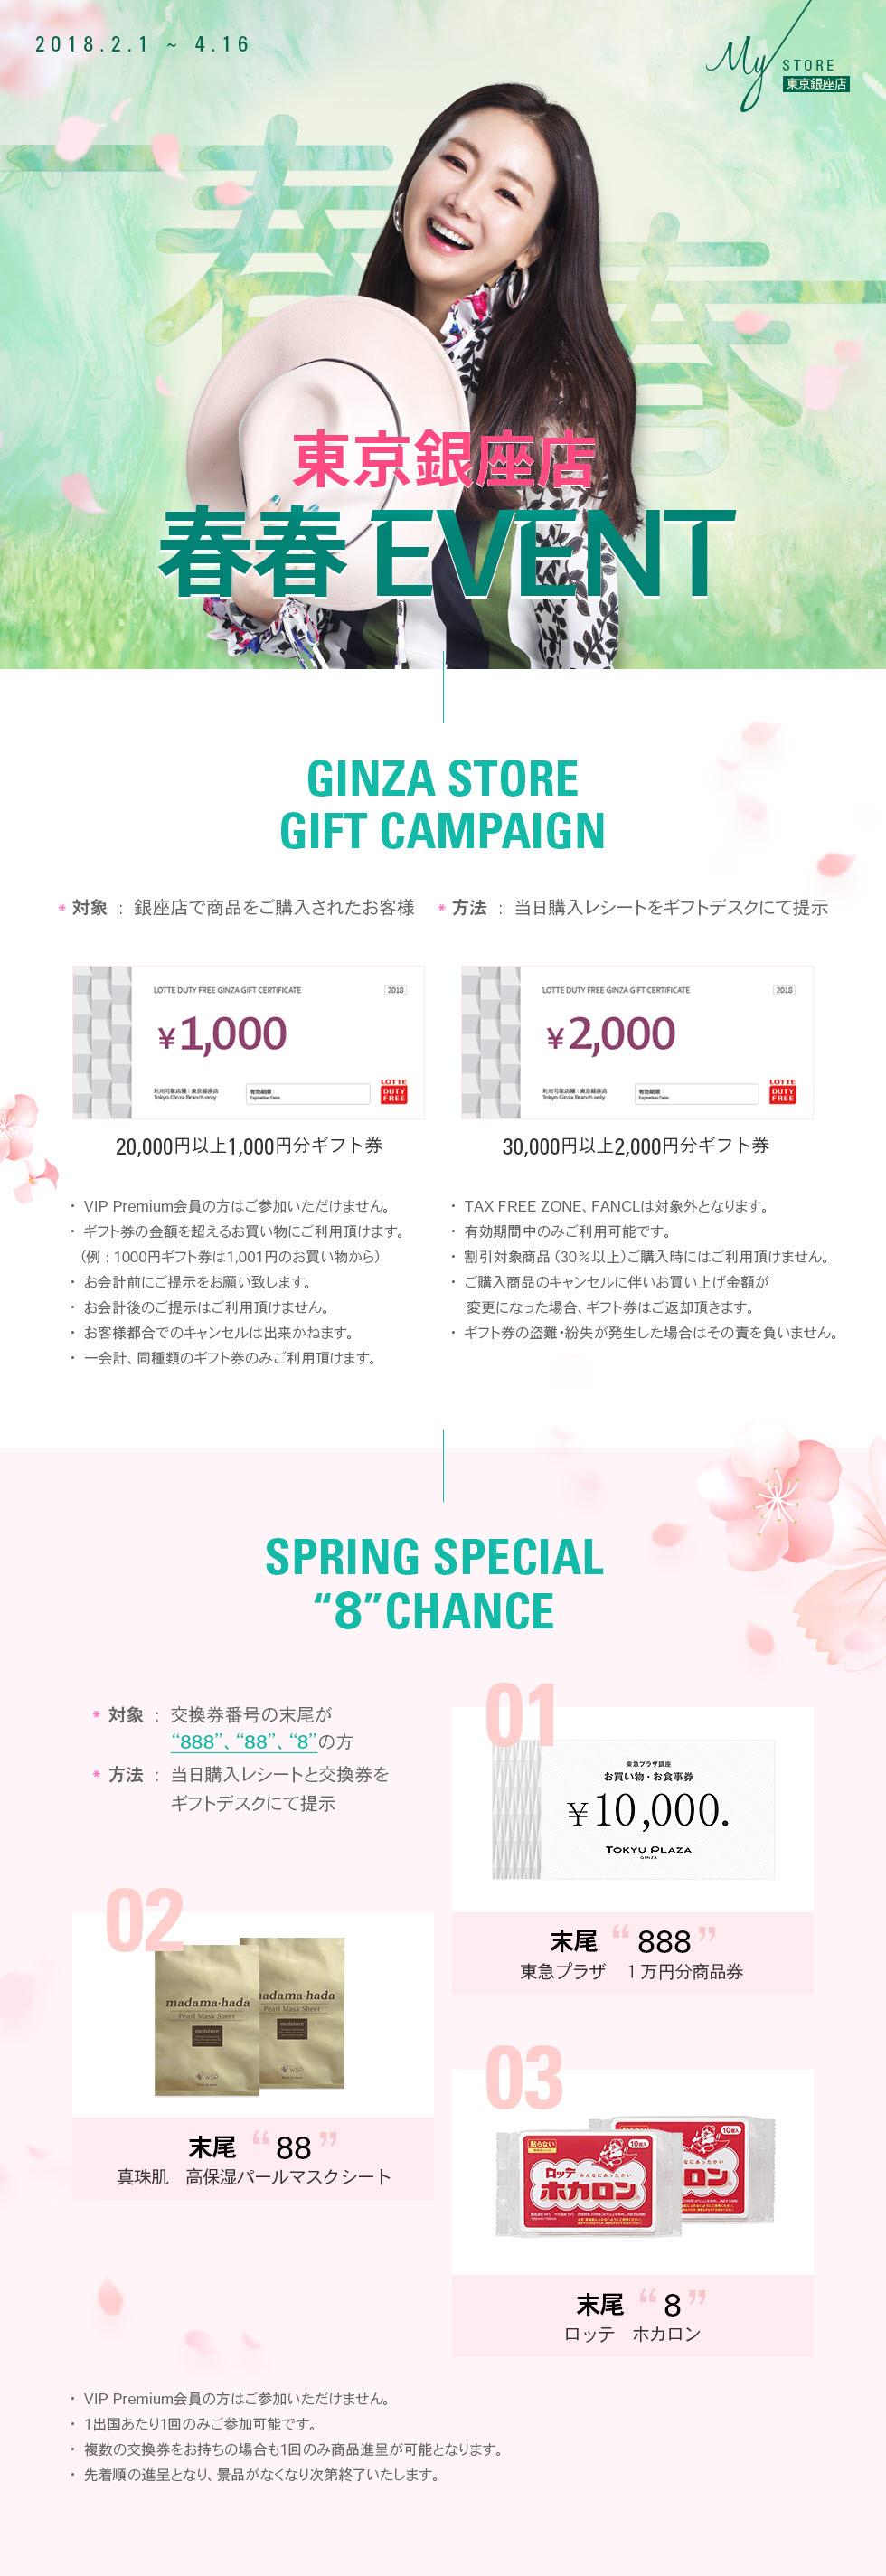 [東京銀座店] 春春イベント